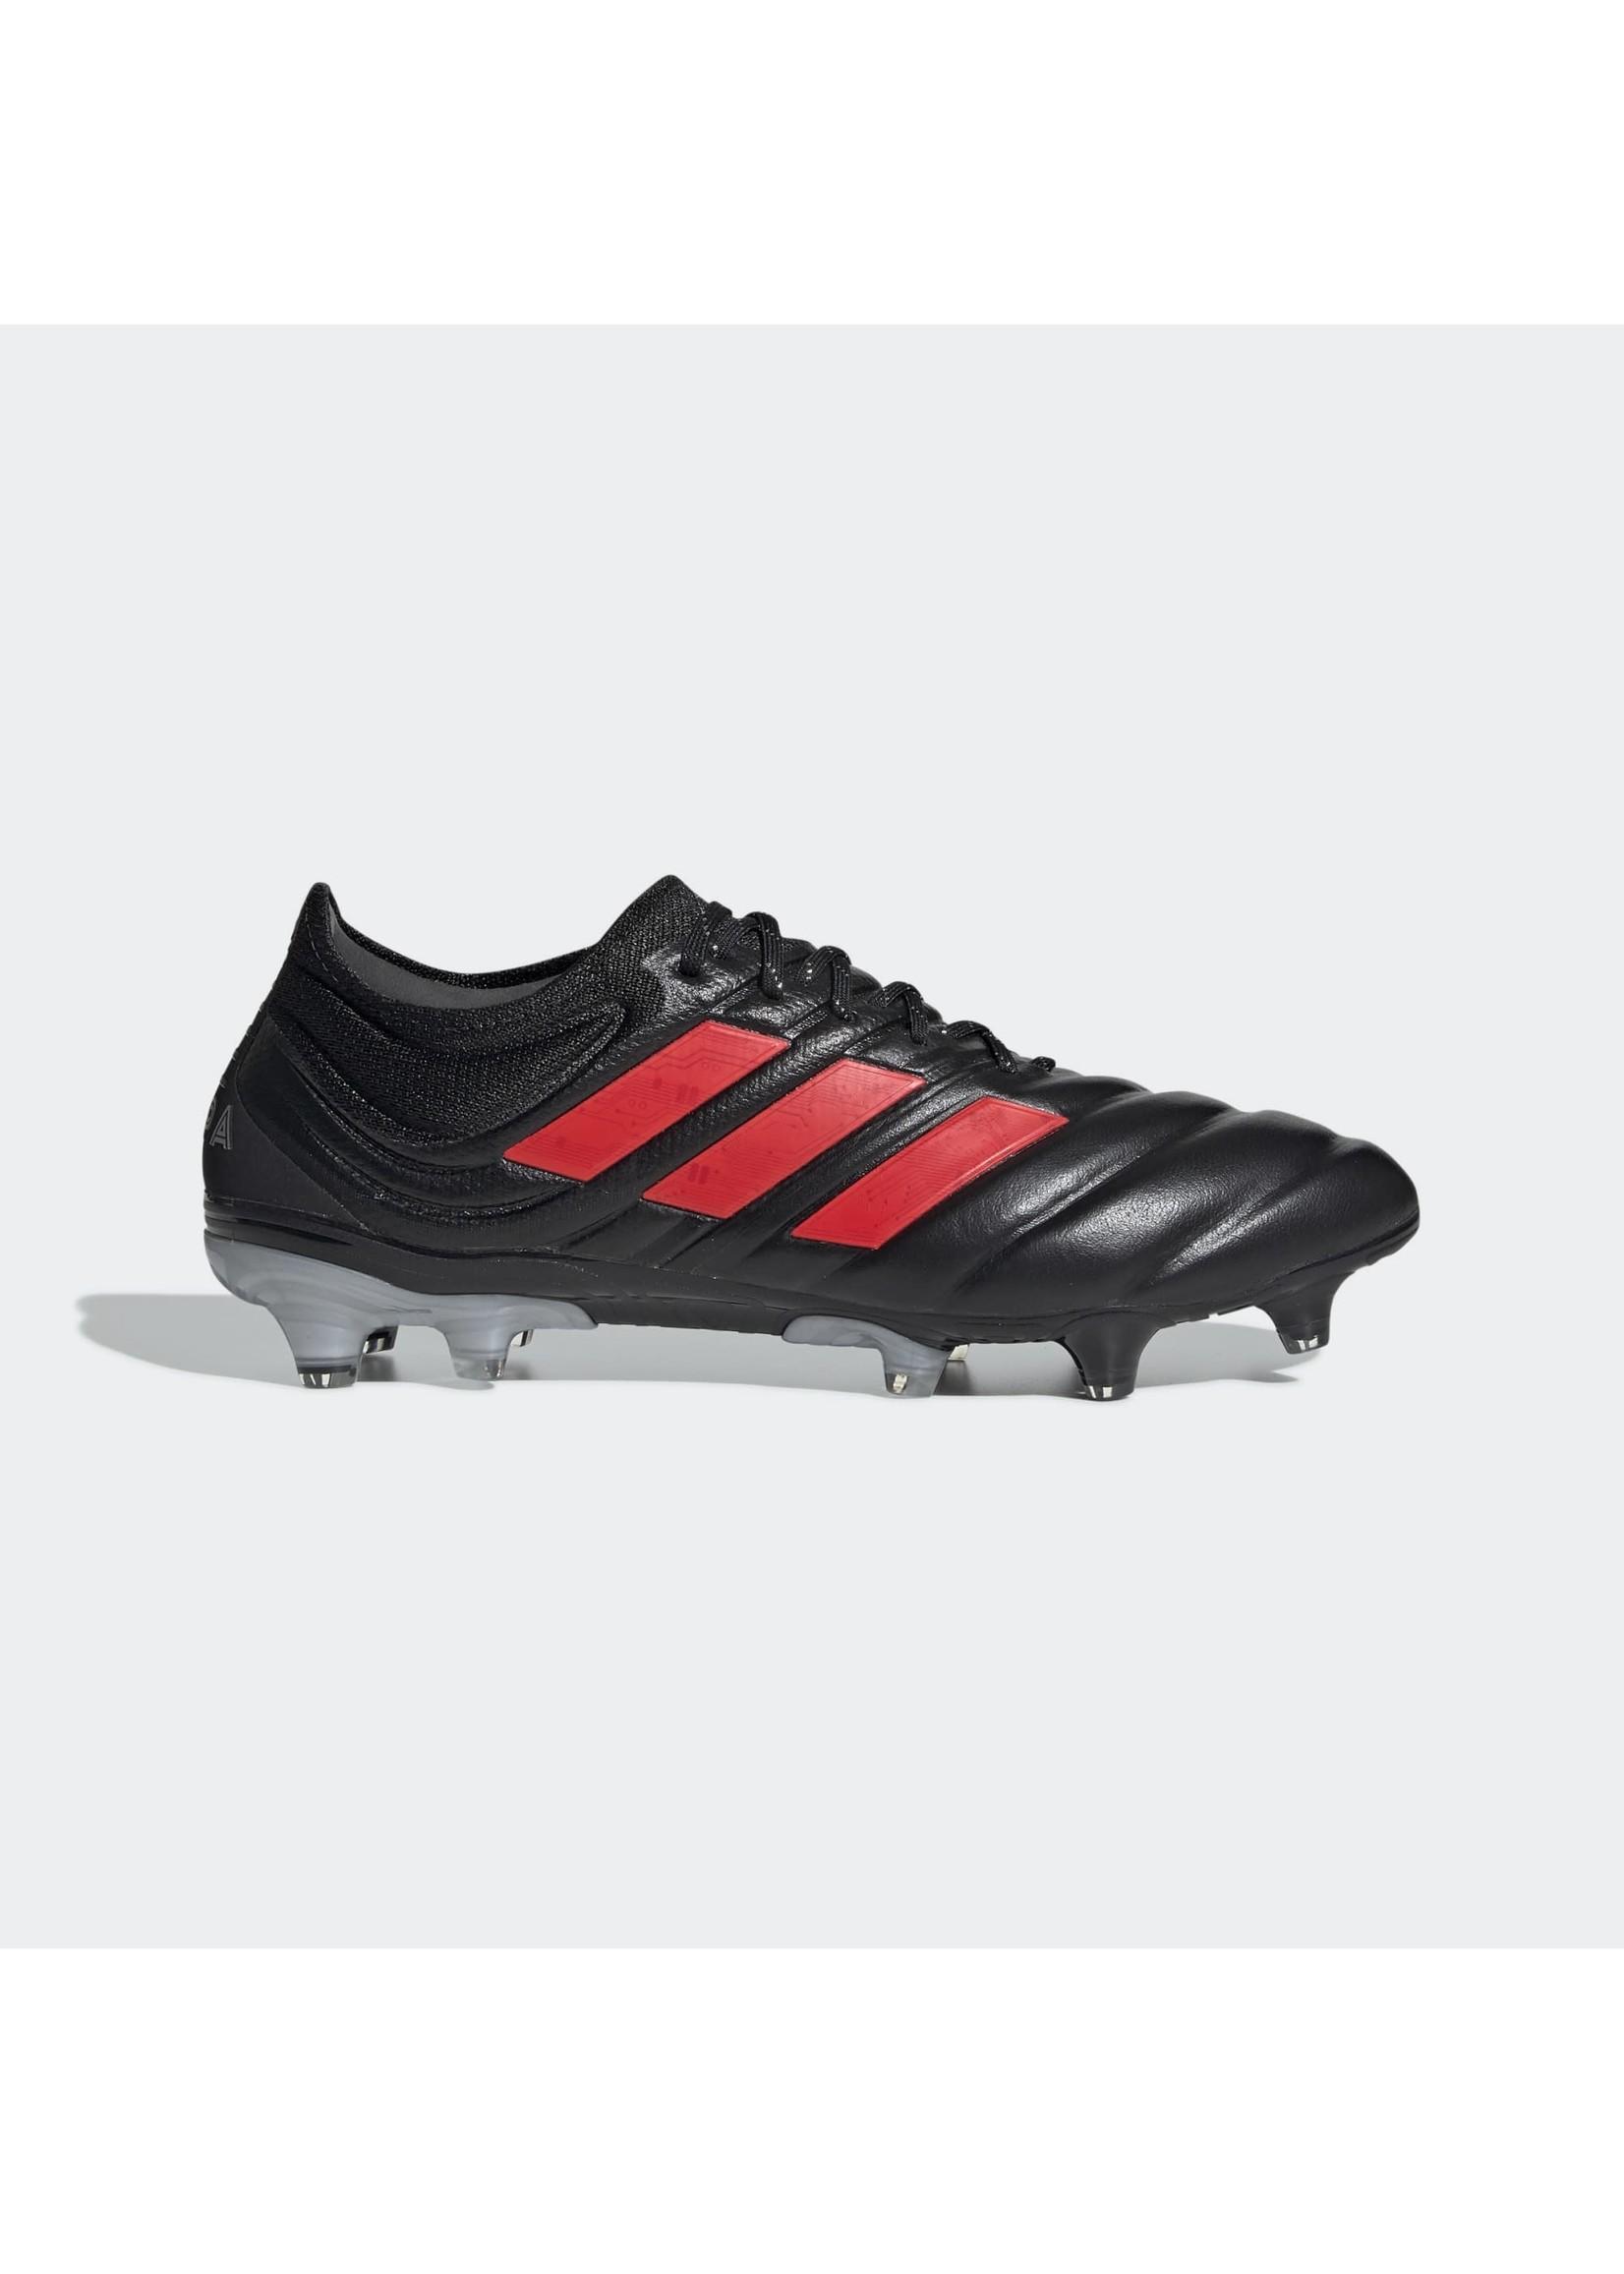 Adidas Copa 19.1 FG - Black/Red